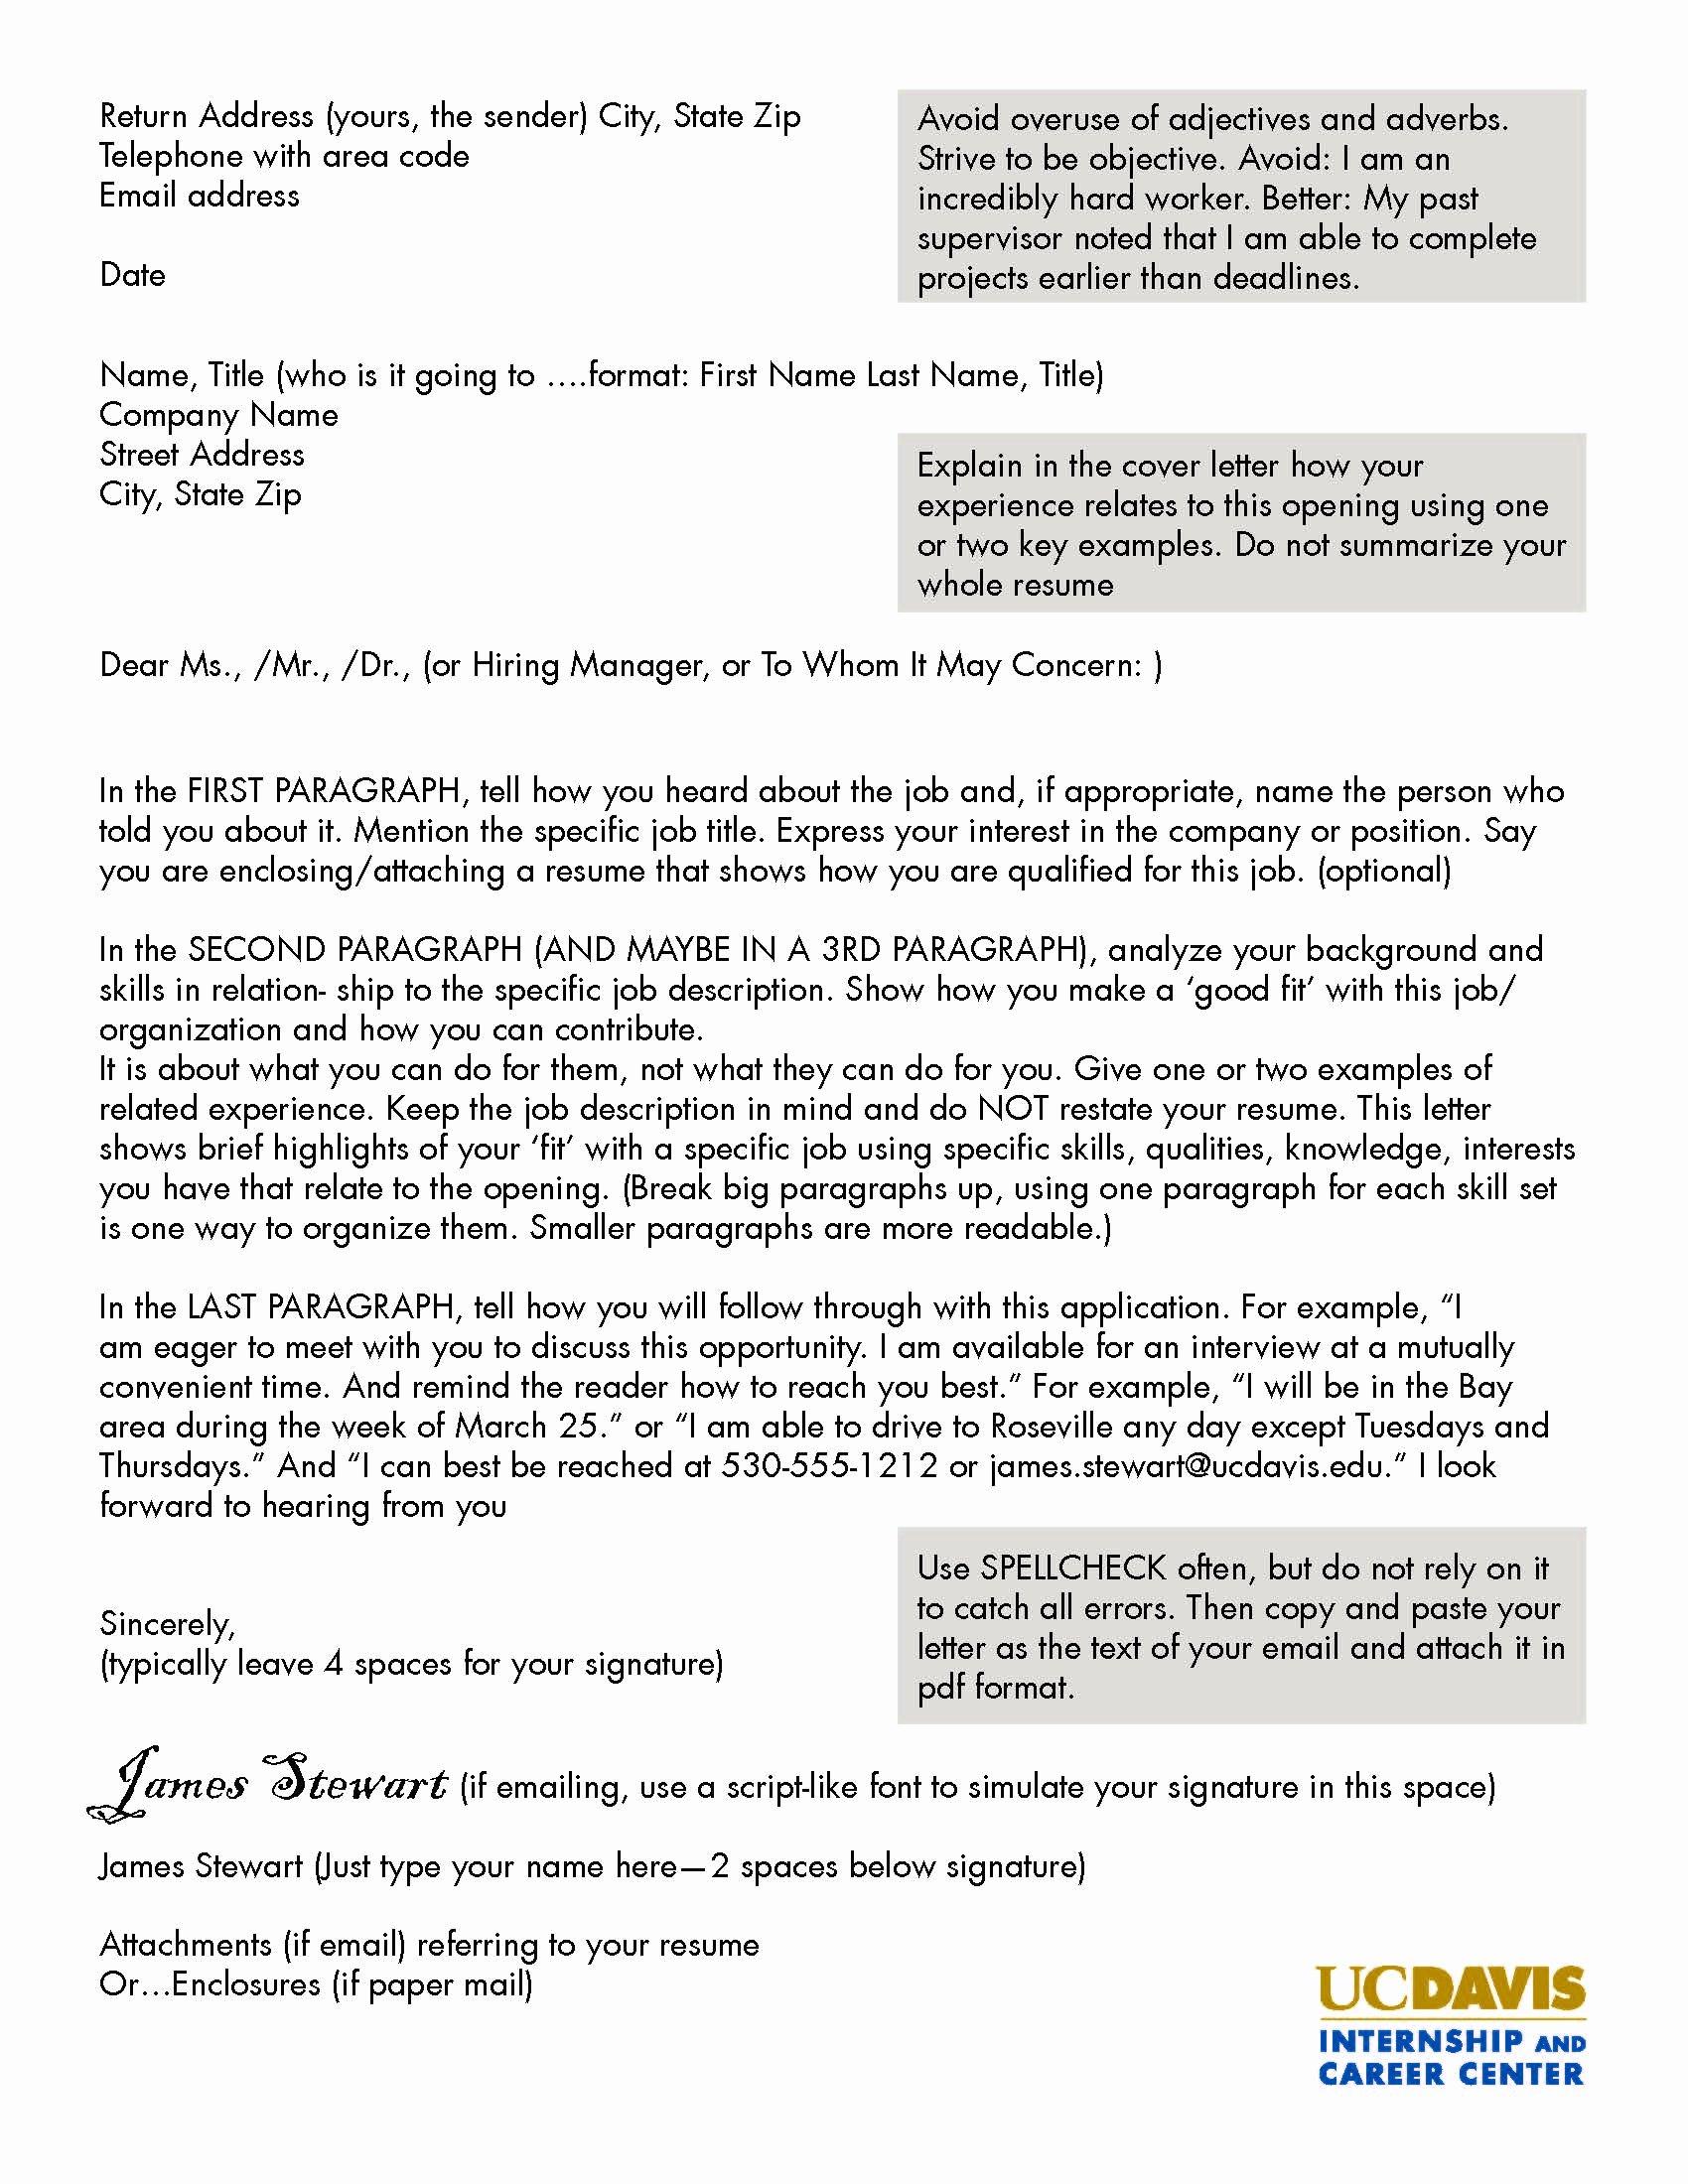 Internship Cover Letter Sample Elegant 16 Best Cover Letter Samples for Internship Wisestep